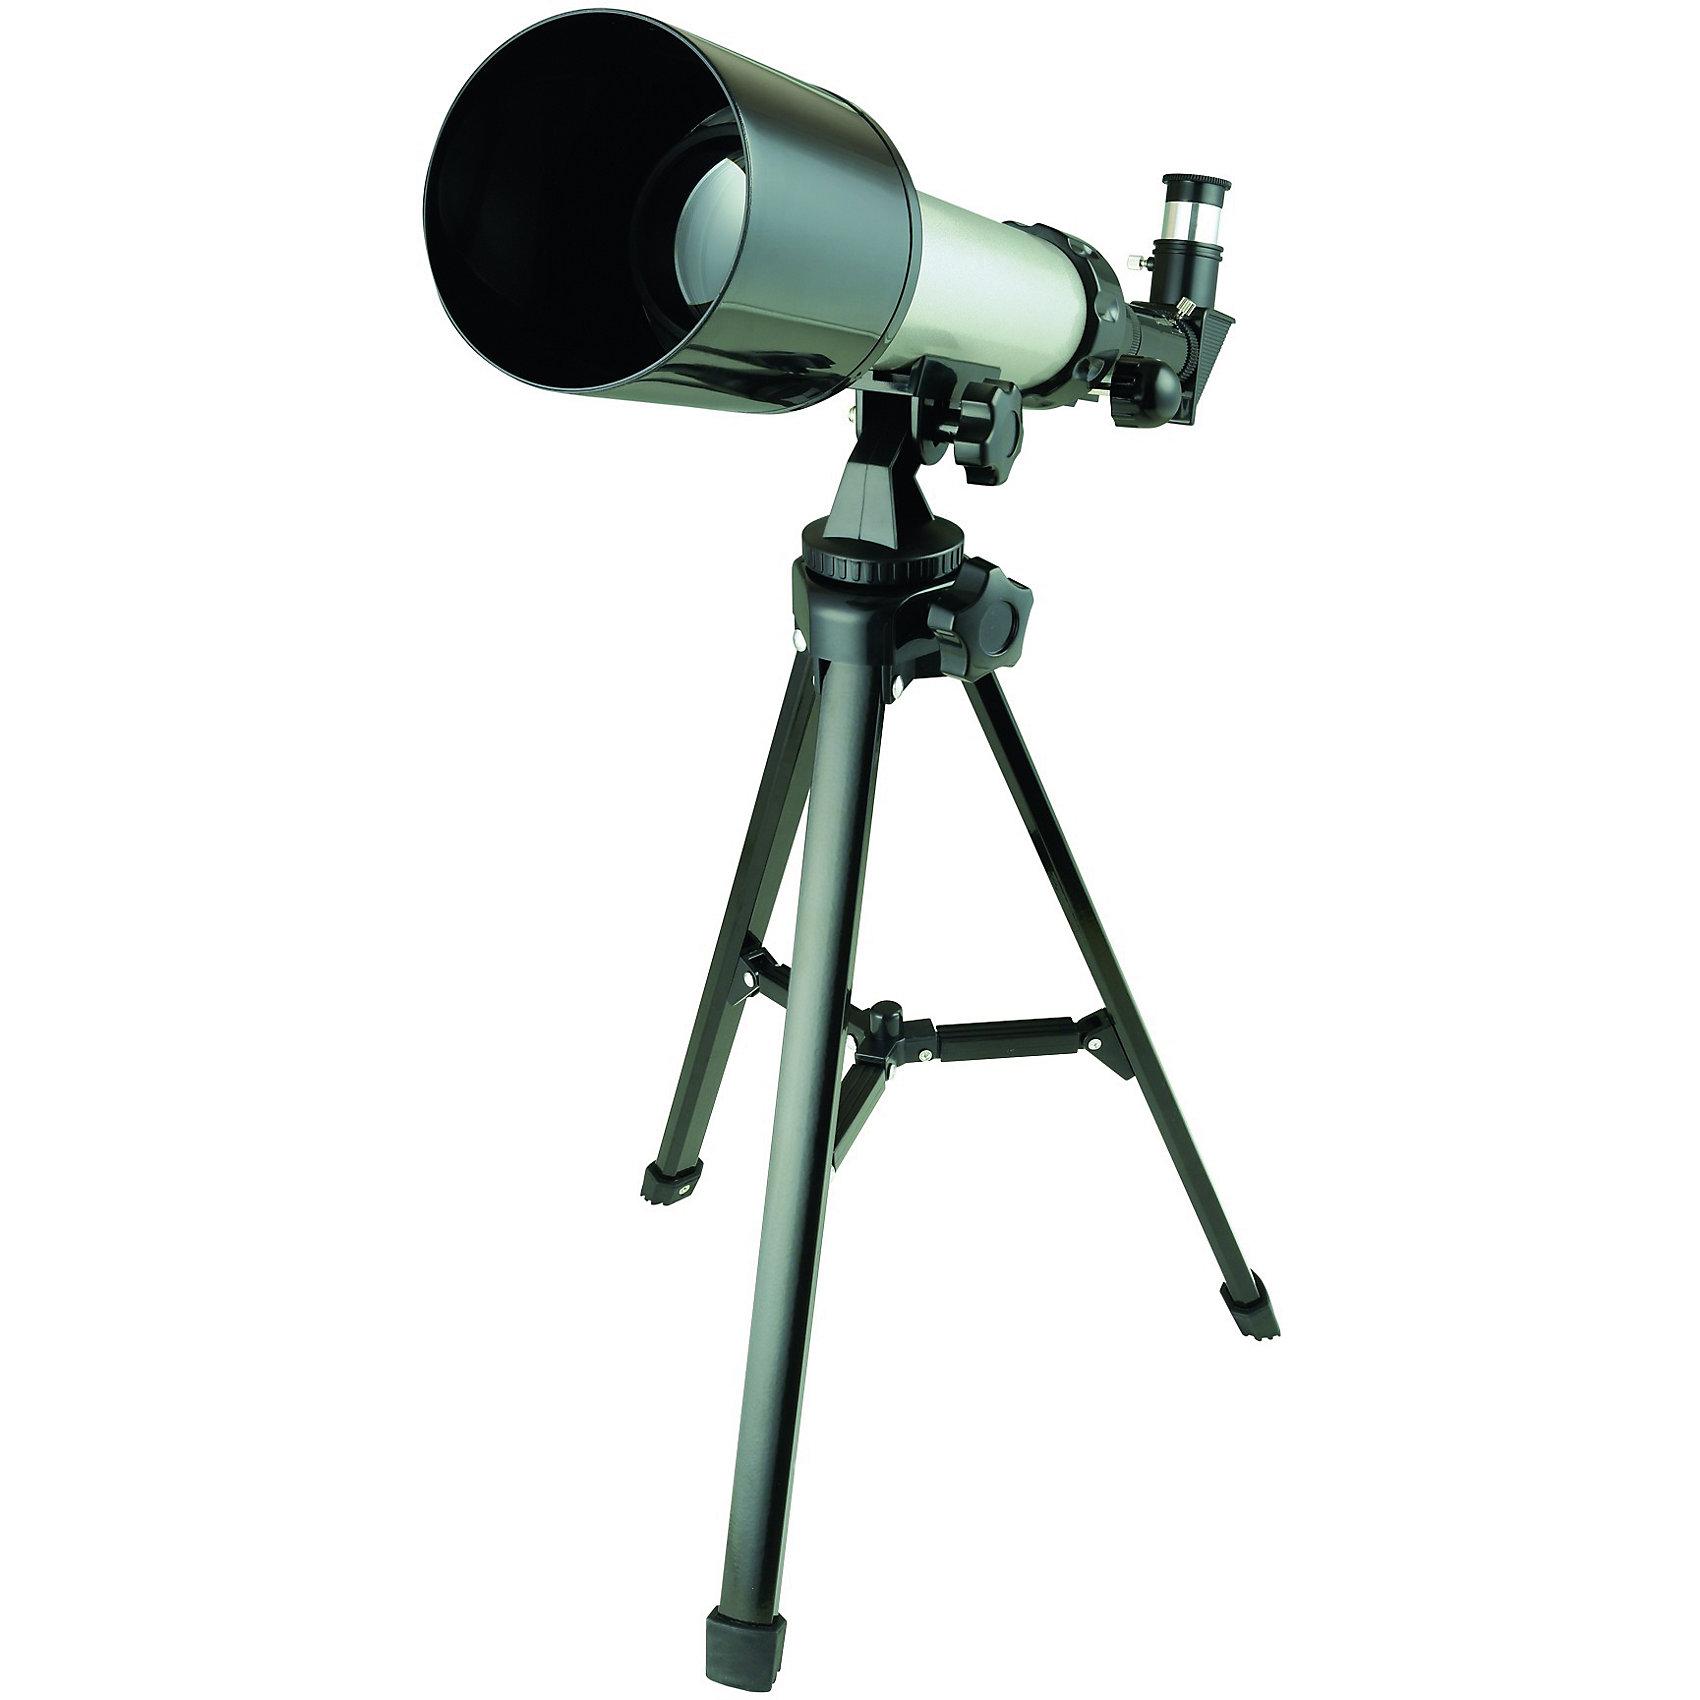 Телескоп, Edu-toysЭто восхитительный и один из лучших в своем сегменте телескоп, который перенесет вашего ребенка в далекий и неизведанный мир космоса, покажет разнообразные созвездия и звезды, поможет изучить планеты: Плутон, Меркурий, Венера, Марс, а также Большую медведицу и Малую - список может быть бесконечным.<br><br>Также, ваш ребенок сможет наблюдать за главным спутником Земли - Луной, изучить известные всему миру кратеры, увидеть её во всей красе в полнолуние или любоваться на молодой месяц. Астрономия - одна из самых загадочных и прекрасных наук. Если Вам повезло и она стала для Вас любимым хобби, то такой аппарат как телескоп - просто необходимость в доме.<br><br>Технические характеристики:<br><br>- Корпус телескопа 65 см;<br>- Линза объектива 50 мм;<br>- Трубка окуляра с Zoom-ом;<br>- Ручка регулировки;<br>- Линзы 45/40 мм;<br>- Тренога 45 см.<br><br>Тип: рефрактор.<br>Оптическая схема: ахромат.<br>Тип монтировки: штатив.<br>Диаметр объектива: до 60 мм.<br><br>Ширина мм: 450<br>Глубина мм: 80<br>Высота мм: 320<br>Вес г: 1200<br>Возраст от месяцев: 96<br>Возраст до месяцев: 192<br>Пол: Унисекс<br>Возраст: Детский<br>SKU: 4794974